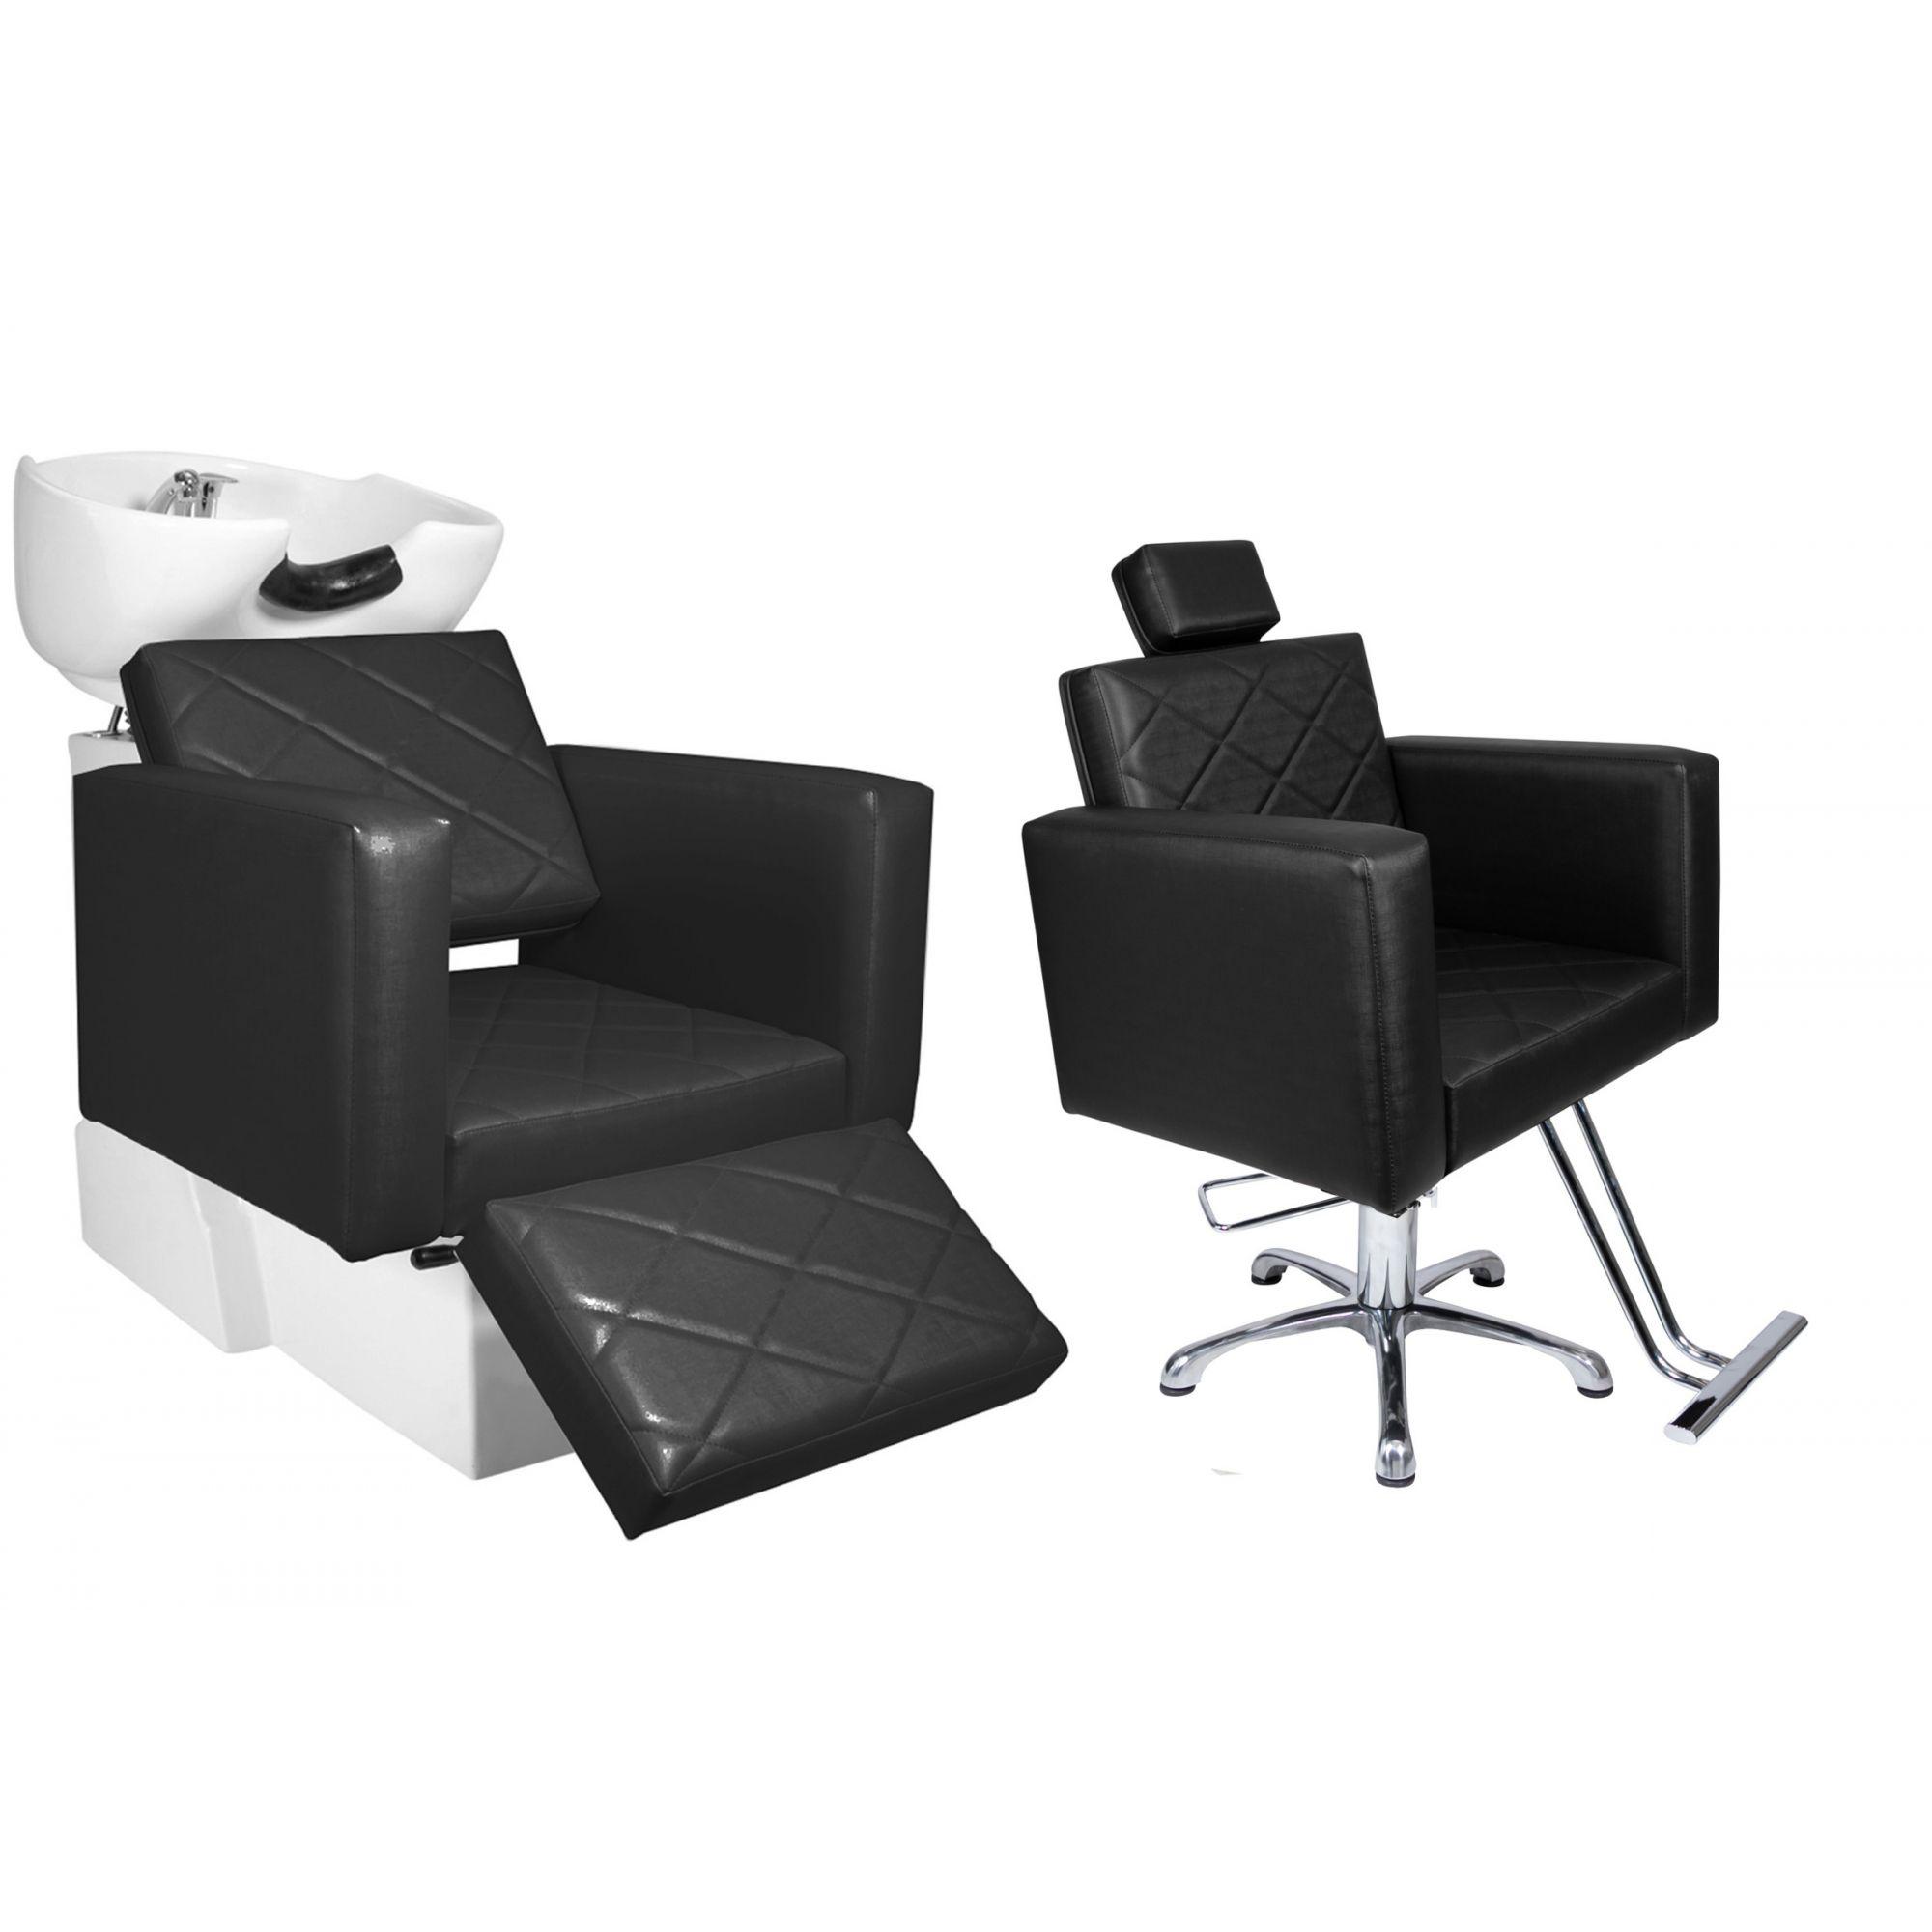 KIT Evidence -  1 Cadeira Fixa + 1 Lavatório Com Descanso